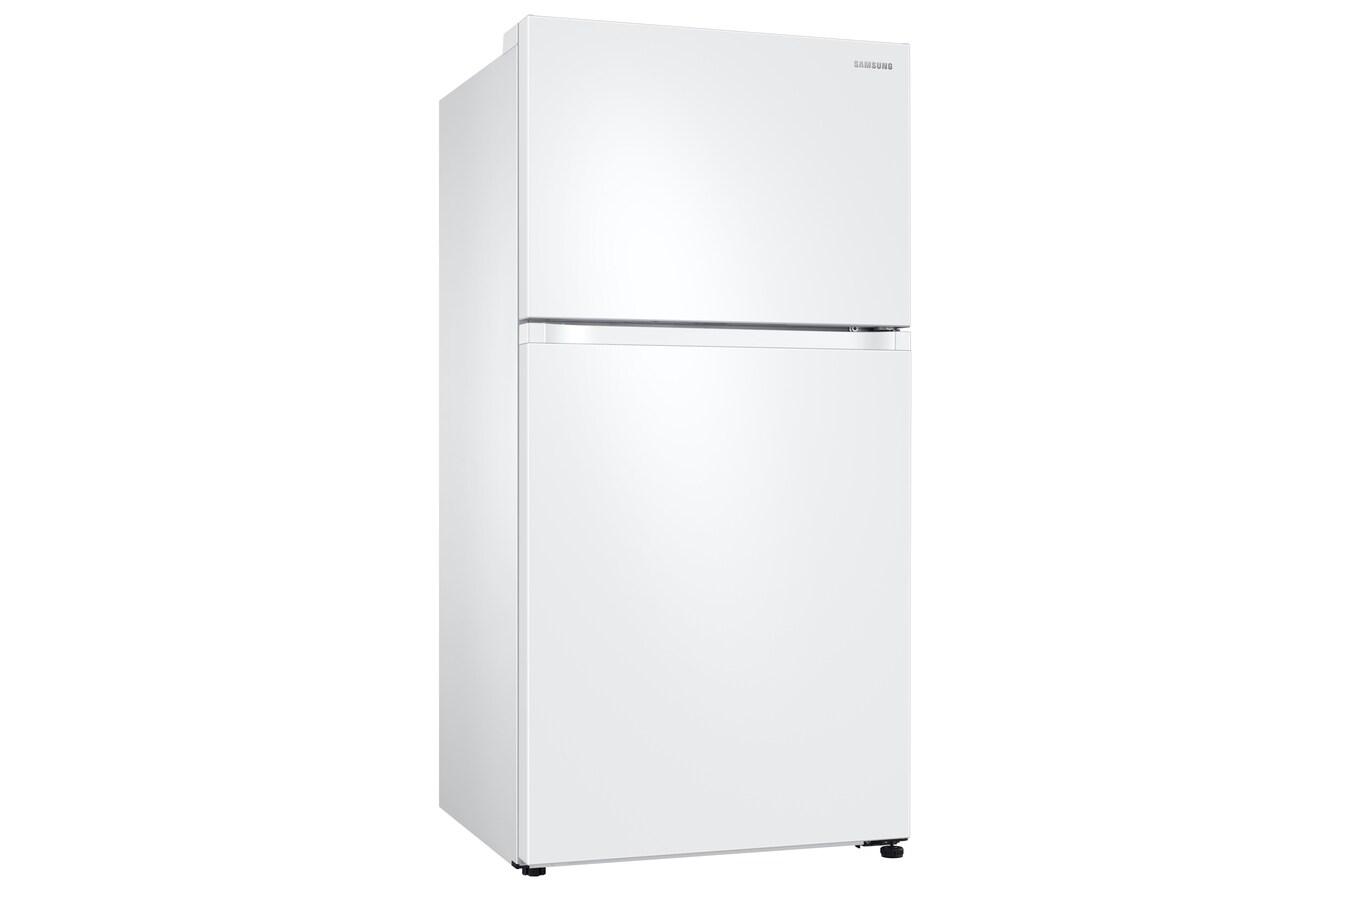 Réfrigérateur-Congélateur Américain Samsung RS21 Congélateur étagère en verre Low DA67-00146